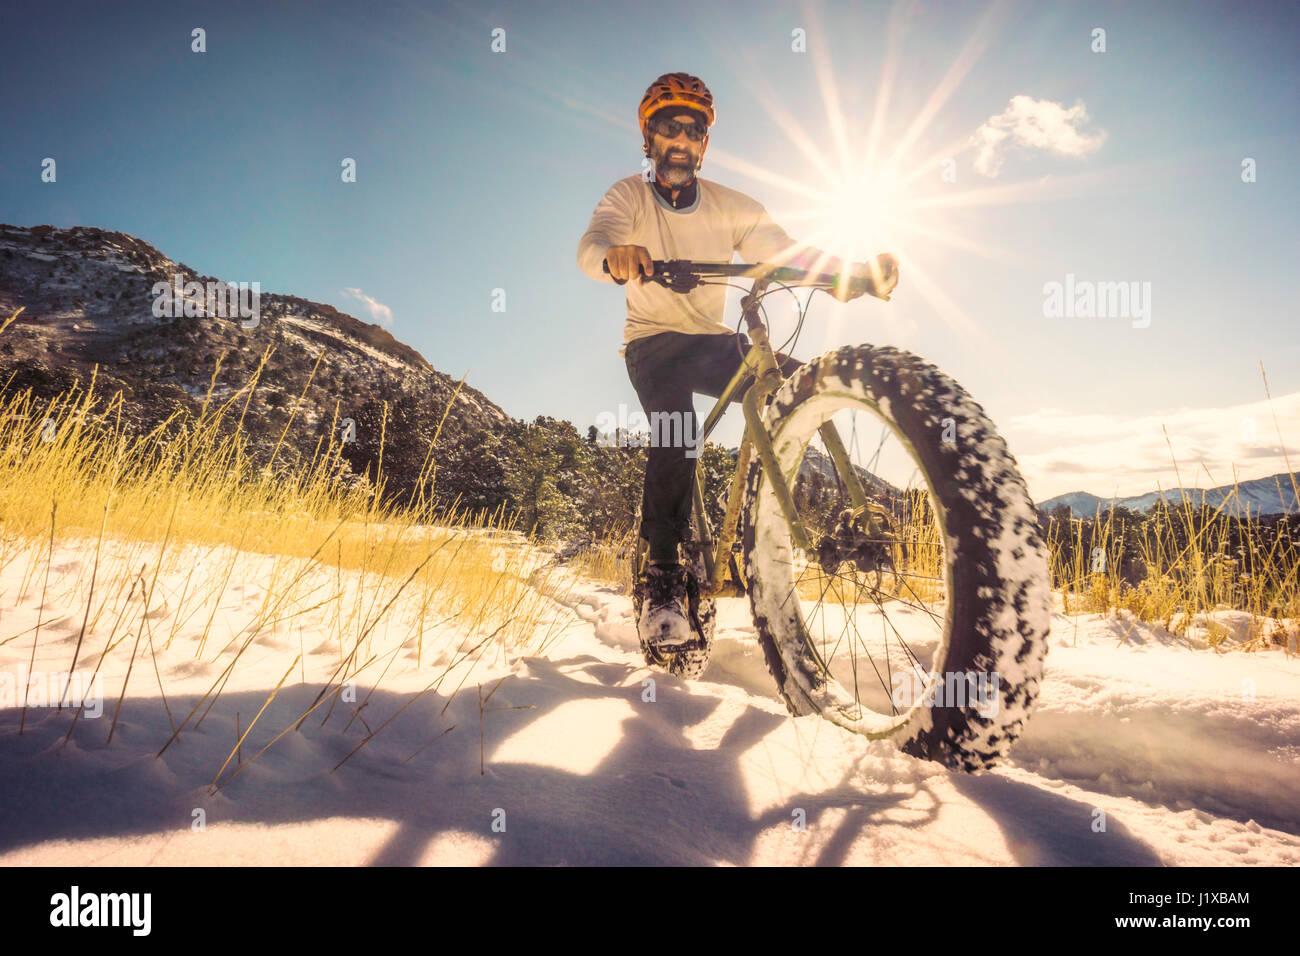 Self Portrait (Whit Richardson) faire fatbike dans la région de Horse Gulch, Durango, CO. Photo Stock